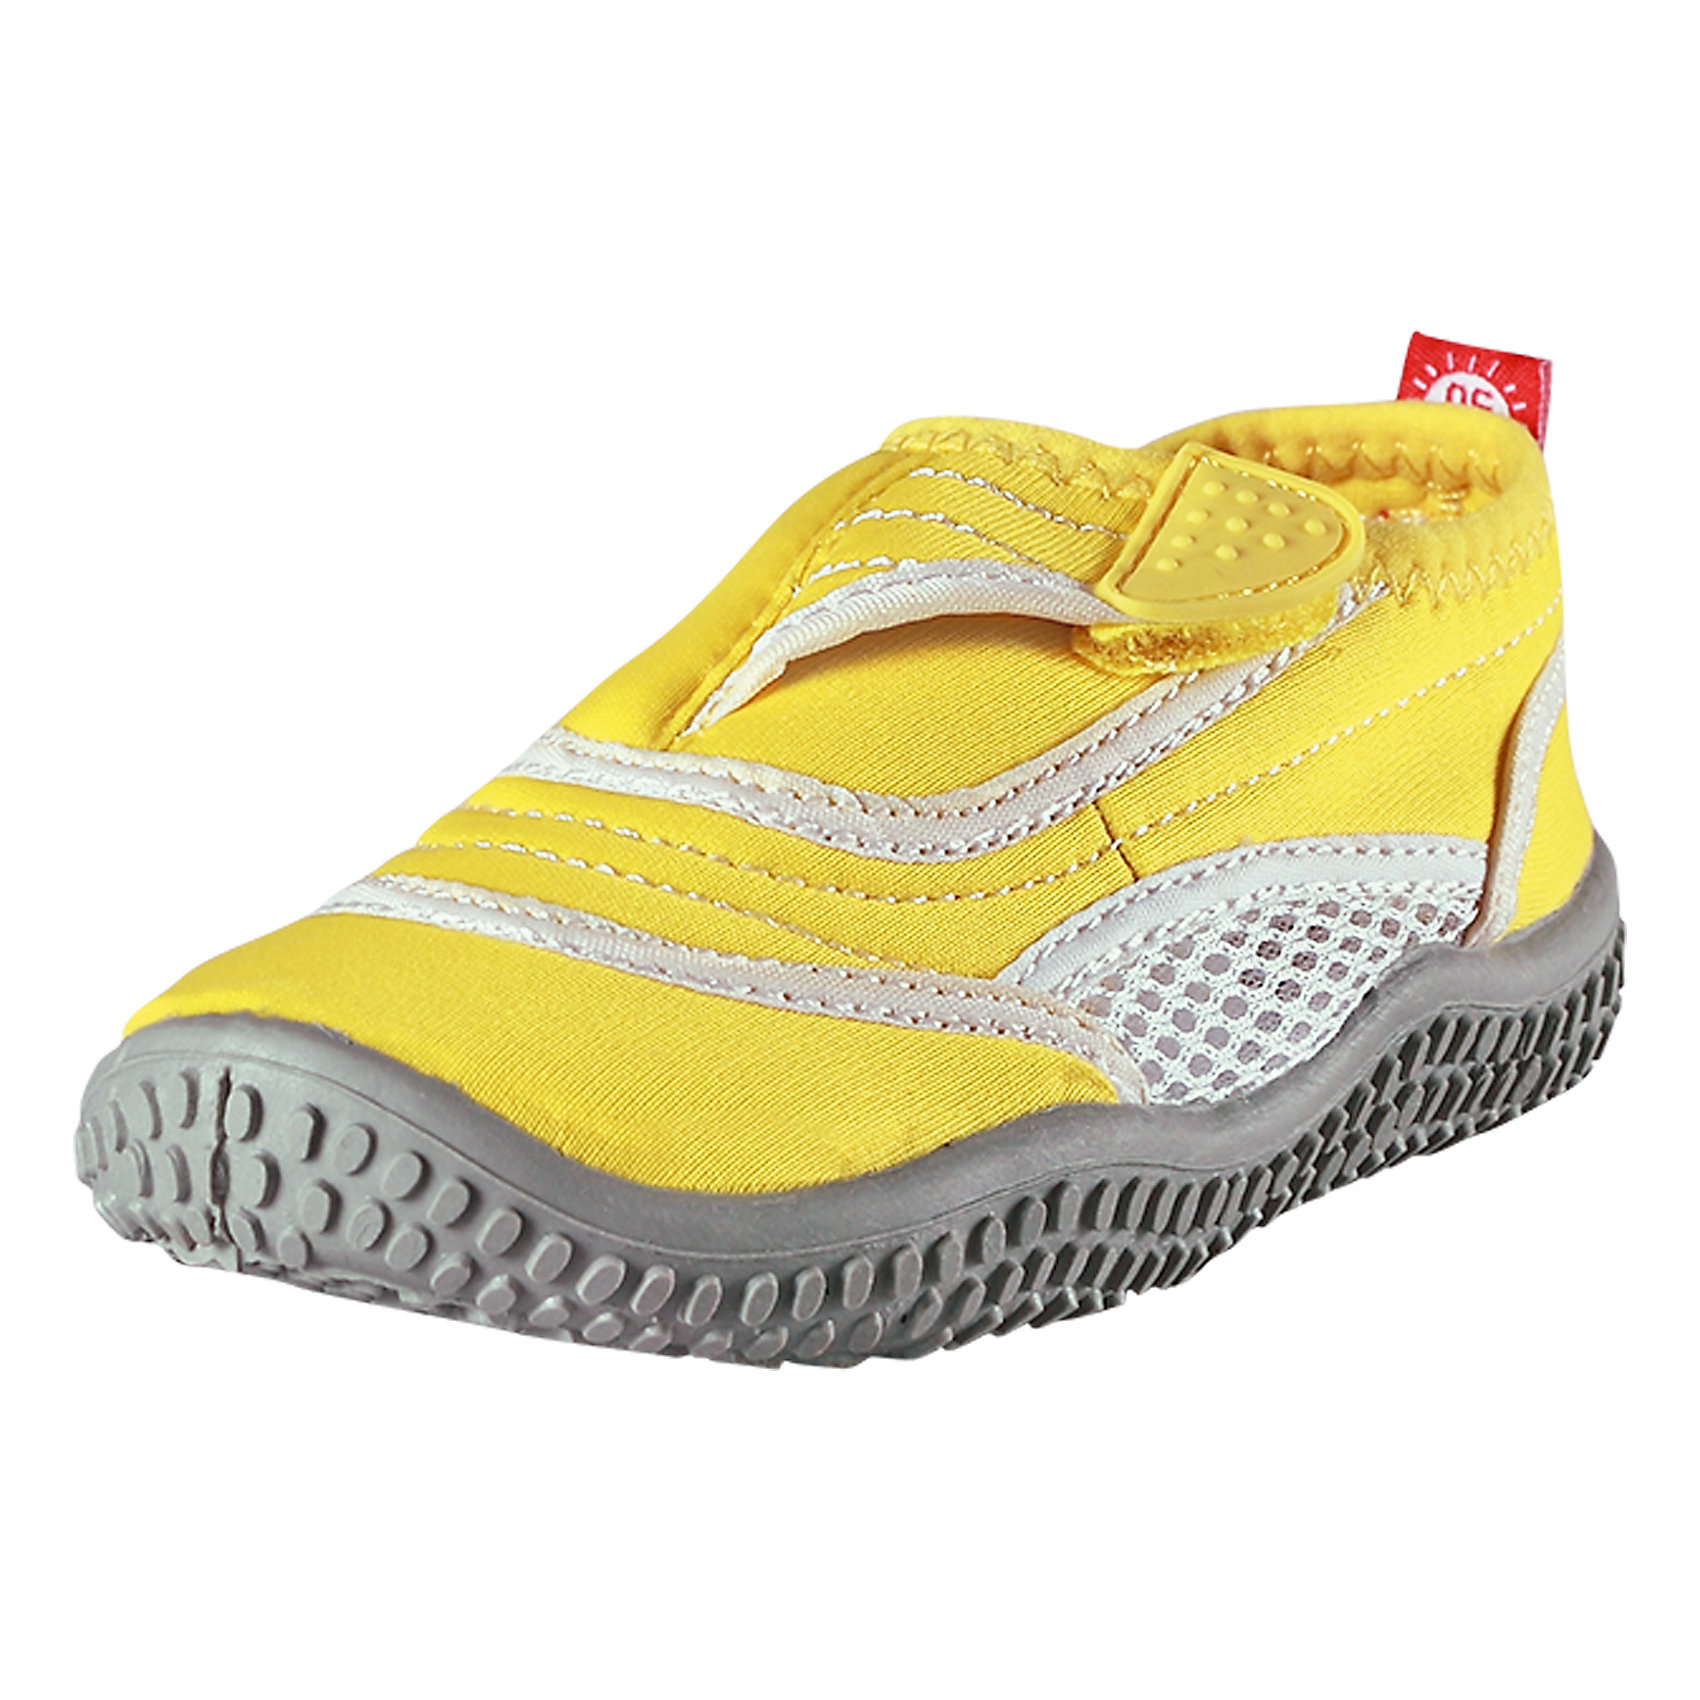 Коралловые тапочки Aqua для плавания ReimaОбувь<br>Характеристики товара:<br><br>• цвет: желтый<br>• состав: верх - ПЭ, подошва - термопластичная резина<br>• застежка: липучка<br>• устойчивая легкая подошва ЭВА<br>• модель из солнцезащитного материала SunProof<br>• съемные стельки с рисунком Happy Fit, помогающие определить размер<br>• фактор защиты от ультрафиолета: 50+<br>• хорошее сцепление с поверхностью<br>• можно стирать в машине при температуре 30 °C<br>• страна производства: Китай<br>• страна бренда: Финляндия<br>• коллекция: весна-лето 2017<br><br>Детская обувь может быть модной и комфортной одновременно! Удобные стильные сандали для плавания помогут обеспечить ребенку комфорт и дополнить наряд. Они отлично смотрятся с различной одеждой. Сандали для плавания удобно сидят на ноге и аккуратно смотрятся. Легко чистятся и долго служат. Продуманная конструкция разрабатывалась специально для детей.<br><br>Одежда и обувь от финского бренда Reima пользуется популярностью во многих странах. Эти изделия стильные, качественные и удобные. Для производства продукции используются только безопасные, проверенные материалы и фурнитура. Порадуйте ребенка модными и красивыми вещами от Reima! <br><br>Сандали для плавания от финского бренда Reima (Рейма) можно купить в нашем интернет-магазине.<br><br>Ширина мм: 227<br>Глубина мм: 145<br>Высота мм: 124<br>Вес г: 325<br>Цвет: желтый<br>Возраст от месяцев: 96<br>Возраст до месяцев: 108<br>Пол: Унисекс<br>Возраст: Детский<br>Размер: 32,34,33,28,25,30,31,27,35,24,38,29,36,37,26<br>SKU: 5266981